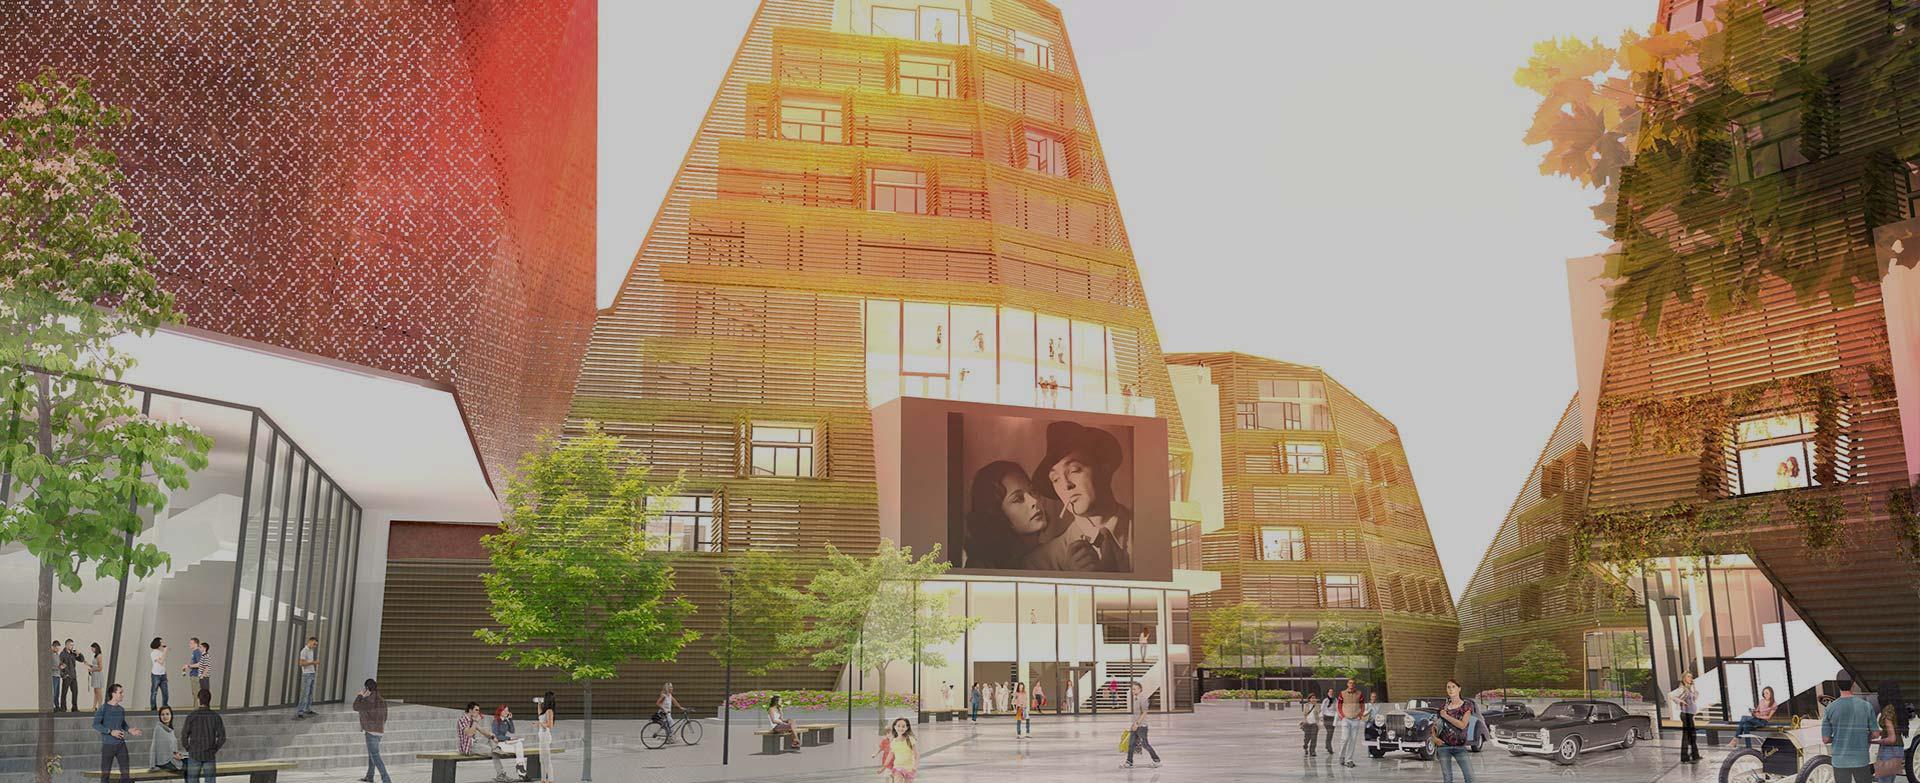 Brink Brandenburg Arkitektur